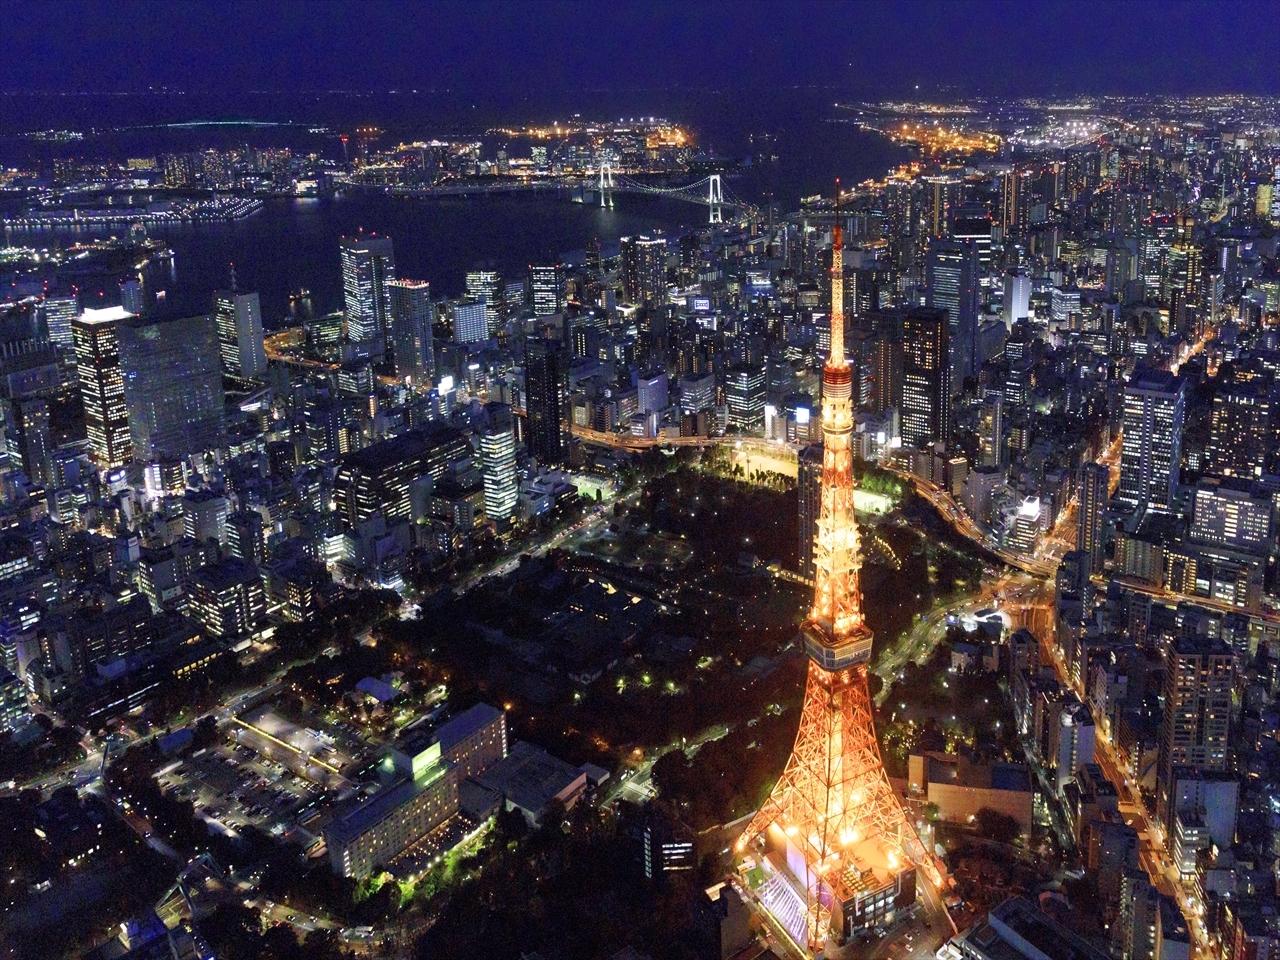 空撮クルーが見た景色 Vol.3 ~東京夜景編~